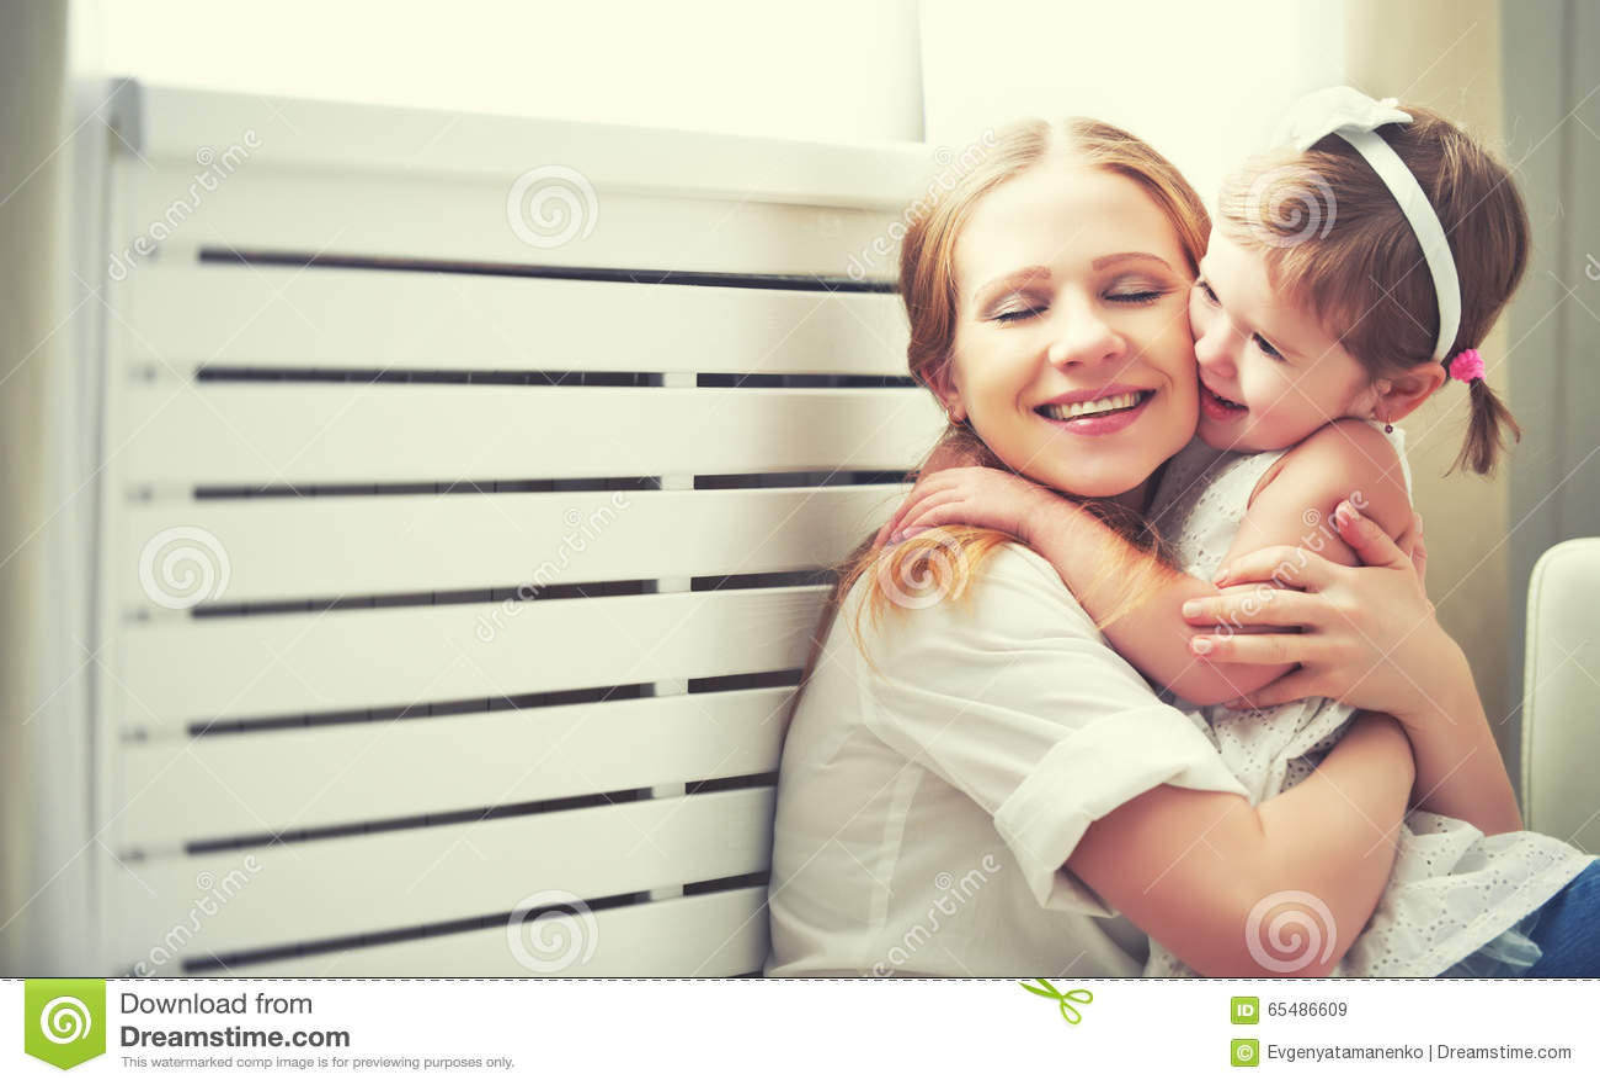 Glückliche liebevolle Familie Mutter und Kind, die spielen, küssen und hugg